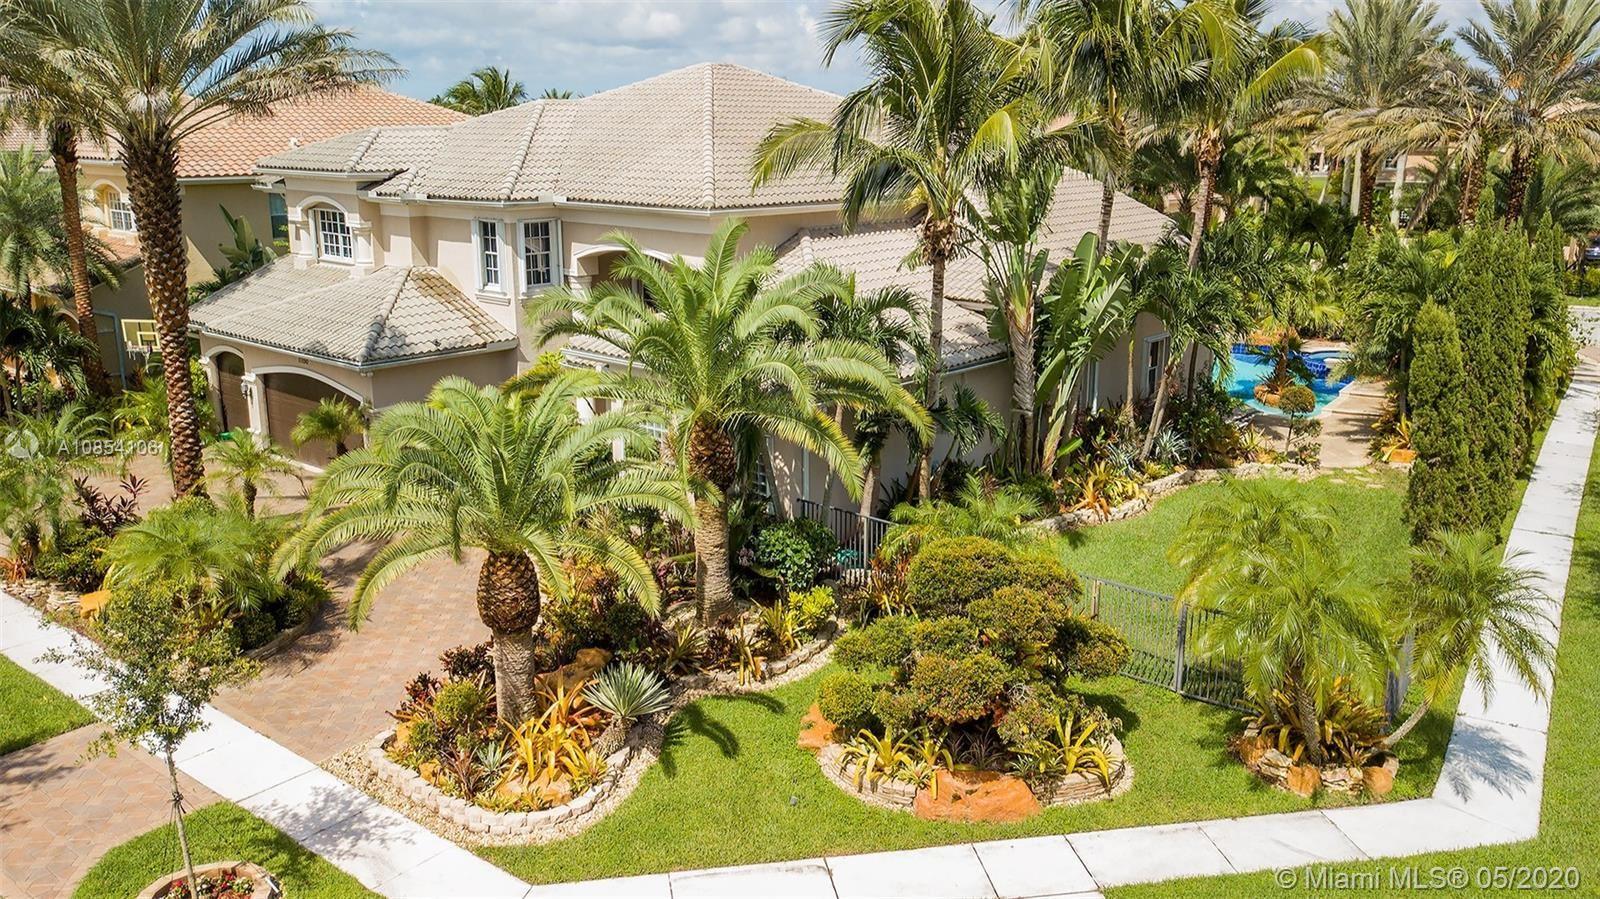 11150 Stonewood Forest Trail, Boynton Beach, FL 33473 - #: A10854106